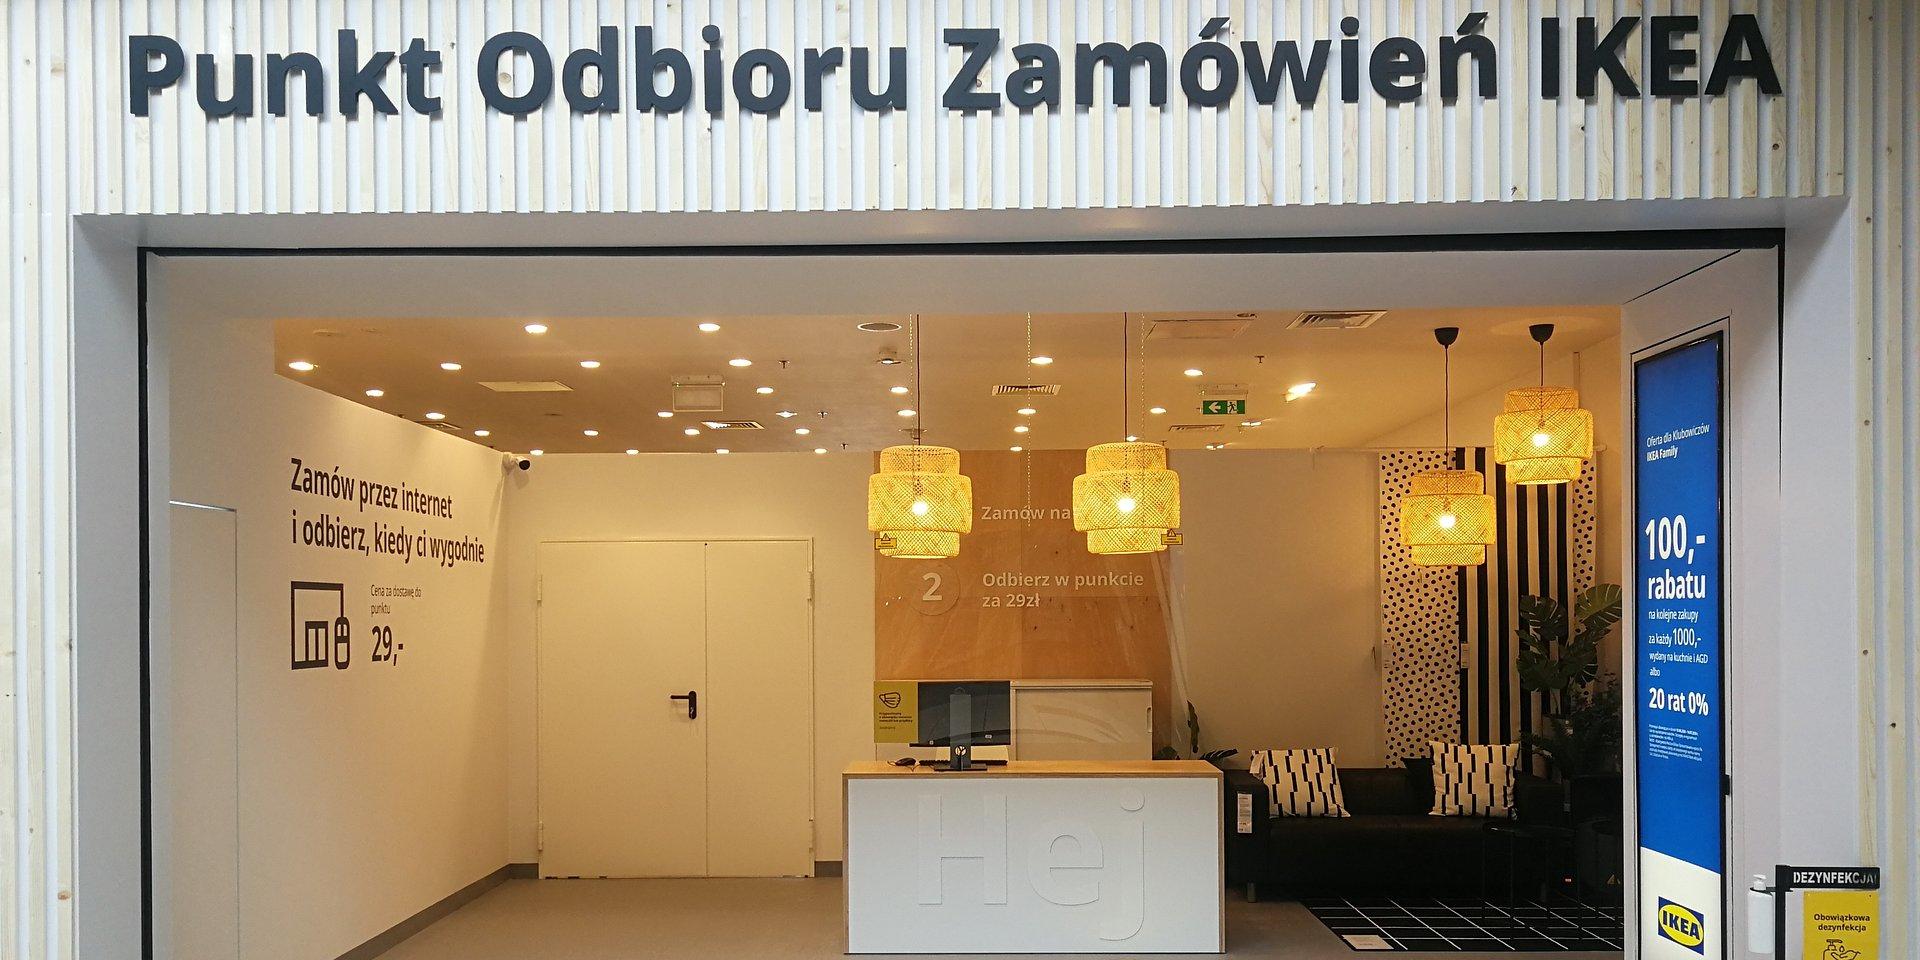 Otwarcie Punktu Odbioru Zamówień IKEA w King Cross Praga - teraz IKEA jeszcze bliżej klientów w Warszawie.